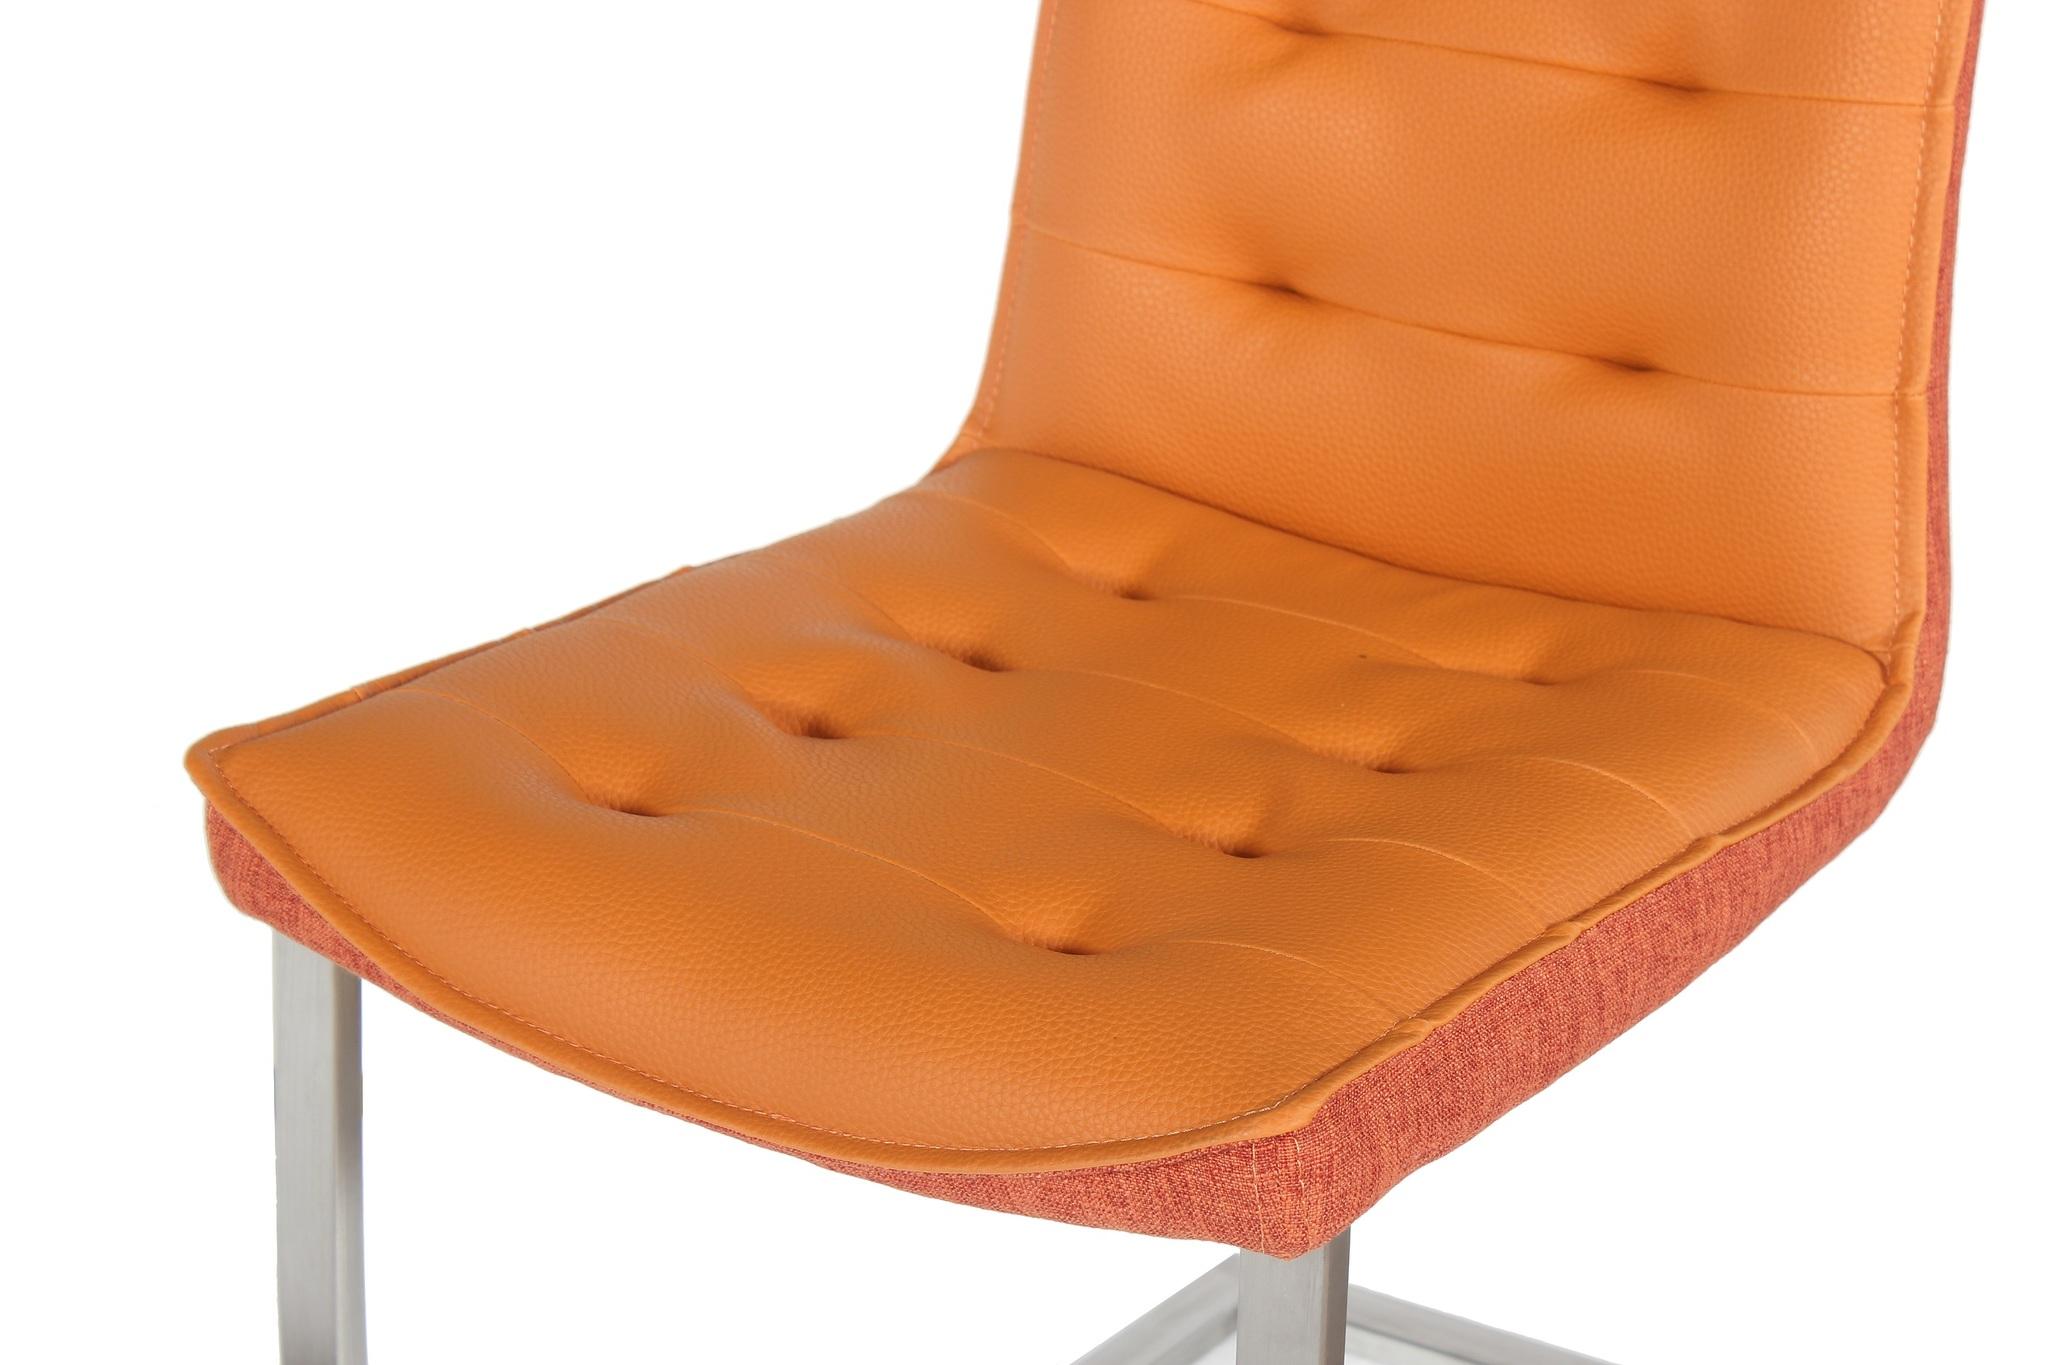 Стул NIAGARA ORANGE (оранжевый)